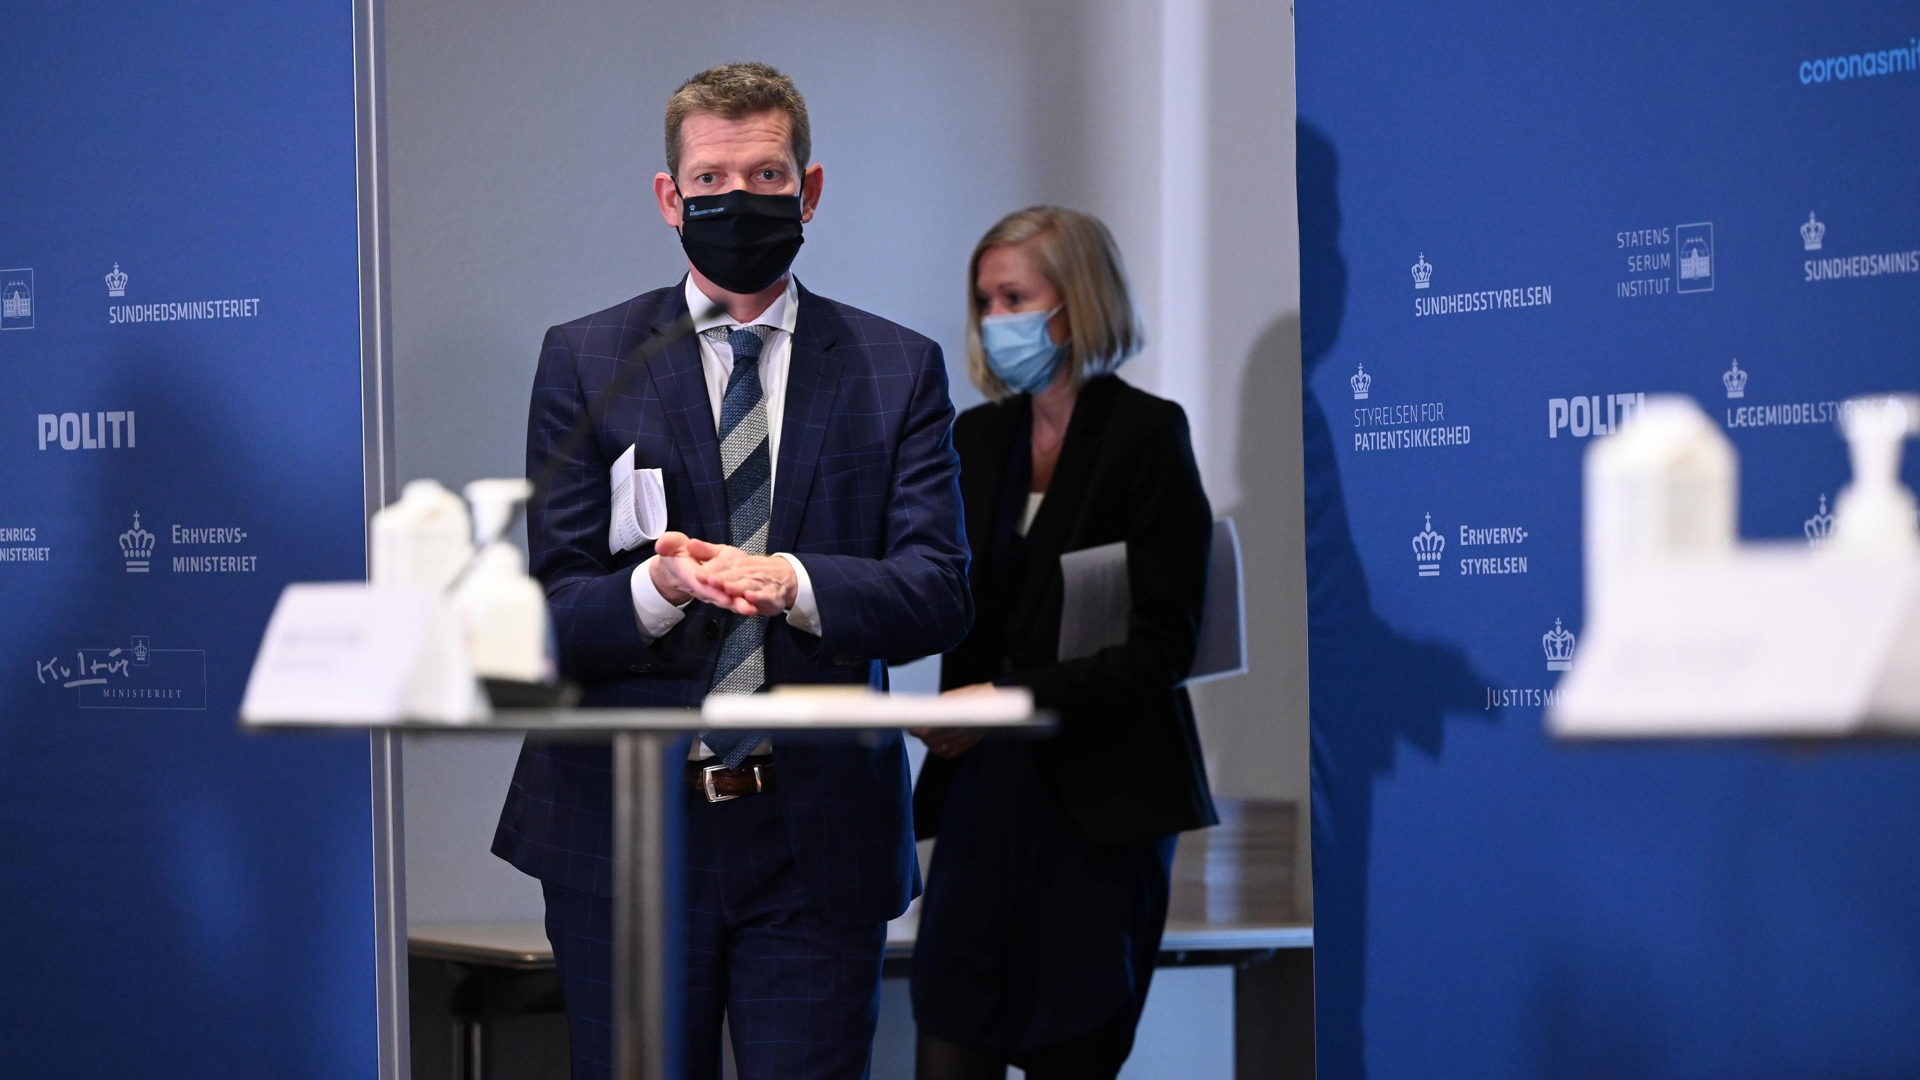 David Rischel: Sundhedsmyndighedernes beslutning om at droppe AstraZeneca er uforståelig